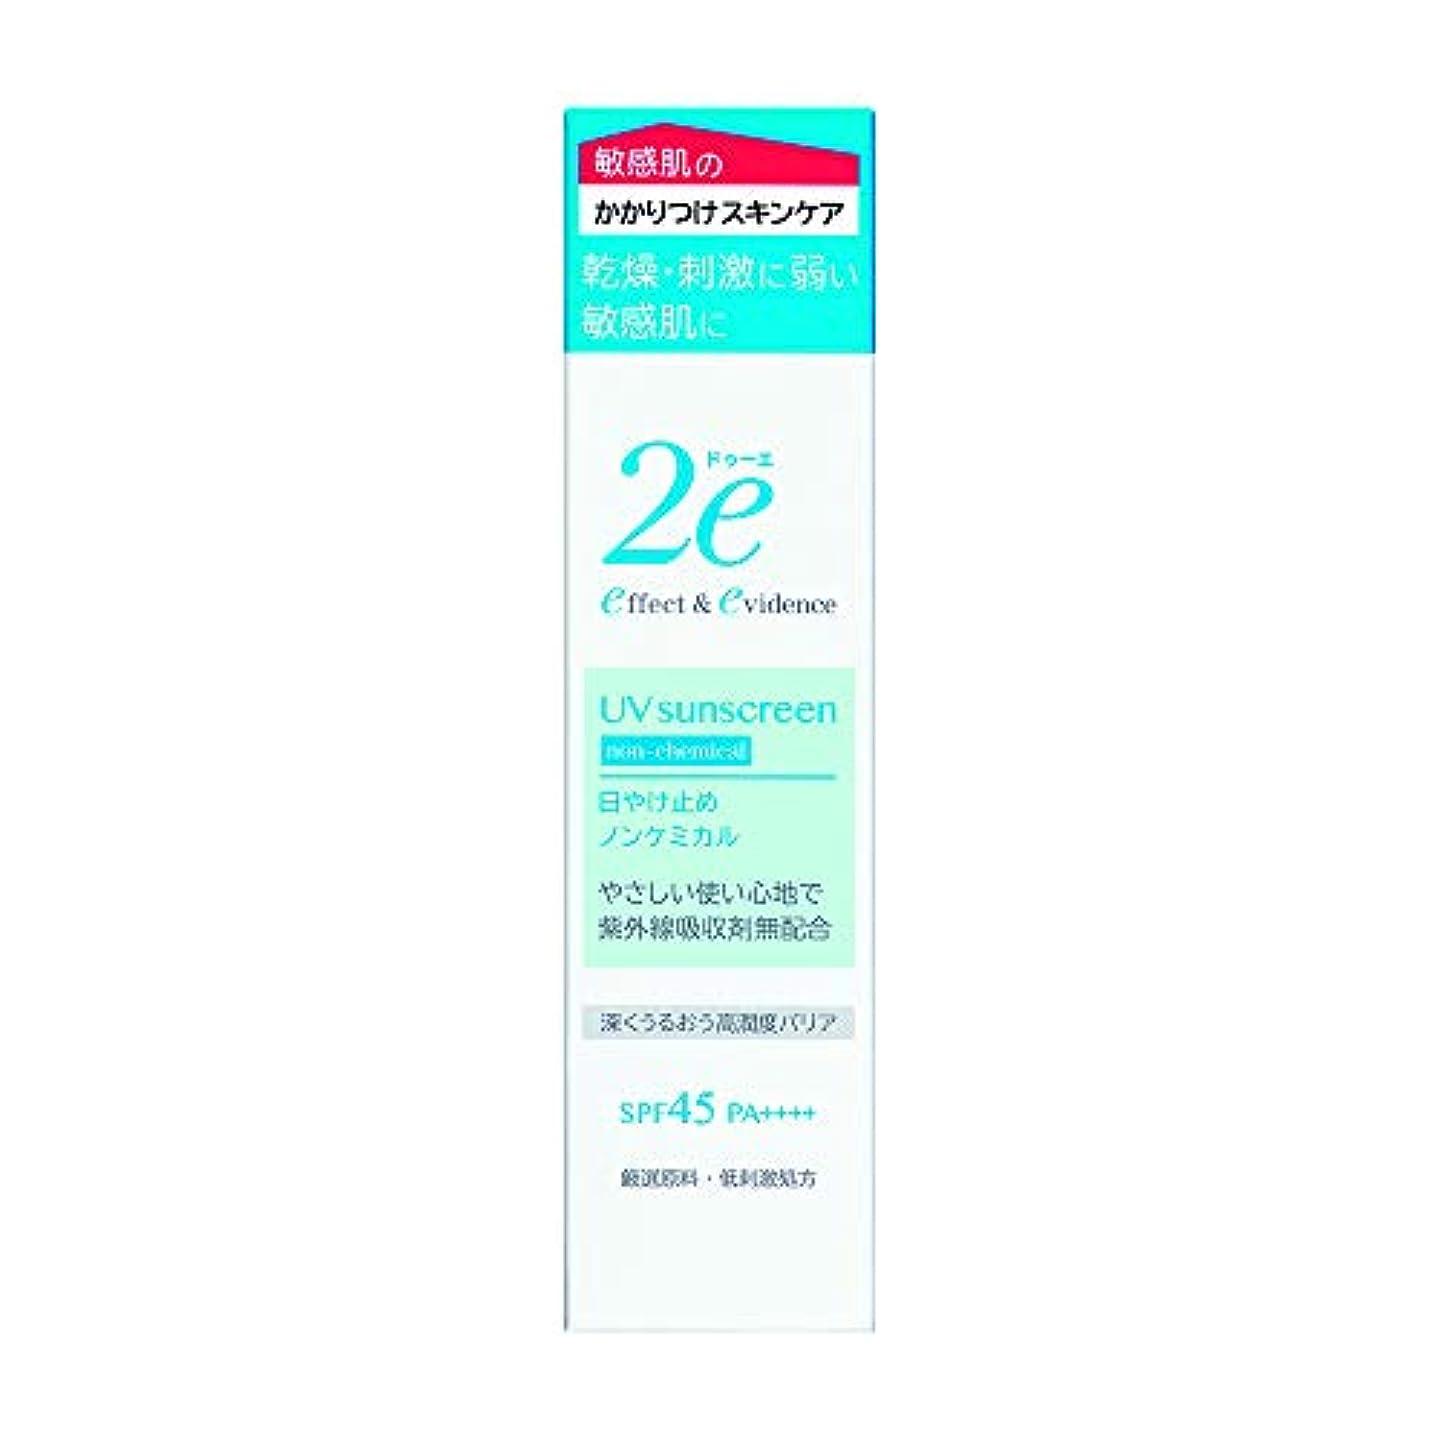 祈る慎重バスト2e(ドゥーエ) 日やけ止め ノンケミカル 敏感肌用 低刺激処方 深くうるおう高潤度バリア 40g SPF40+ PA++++ 日焼け止め